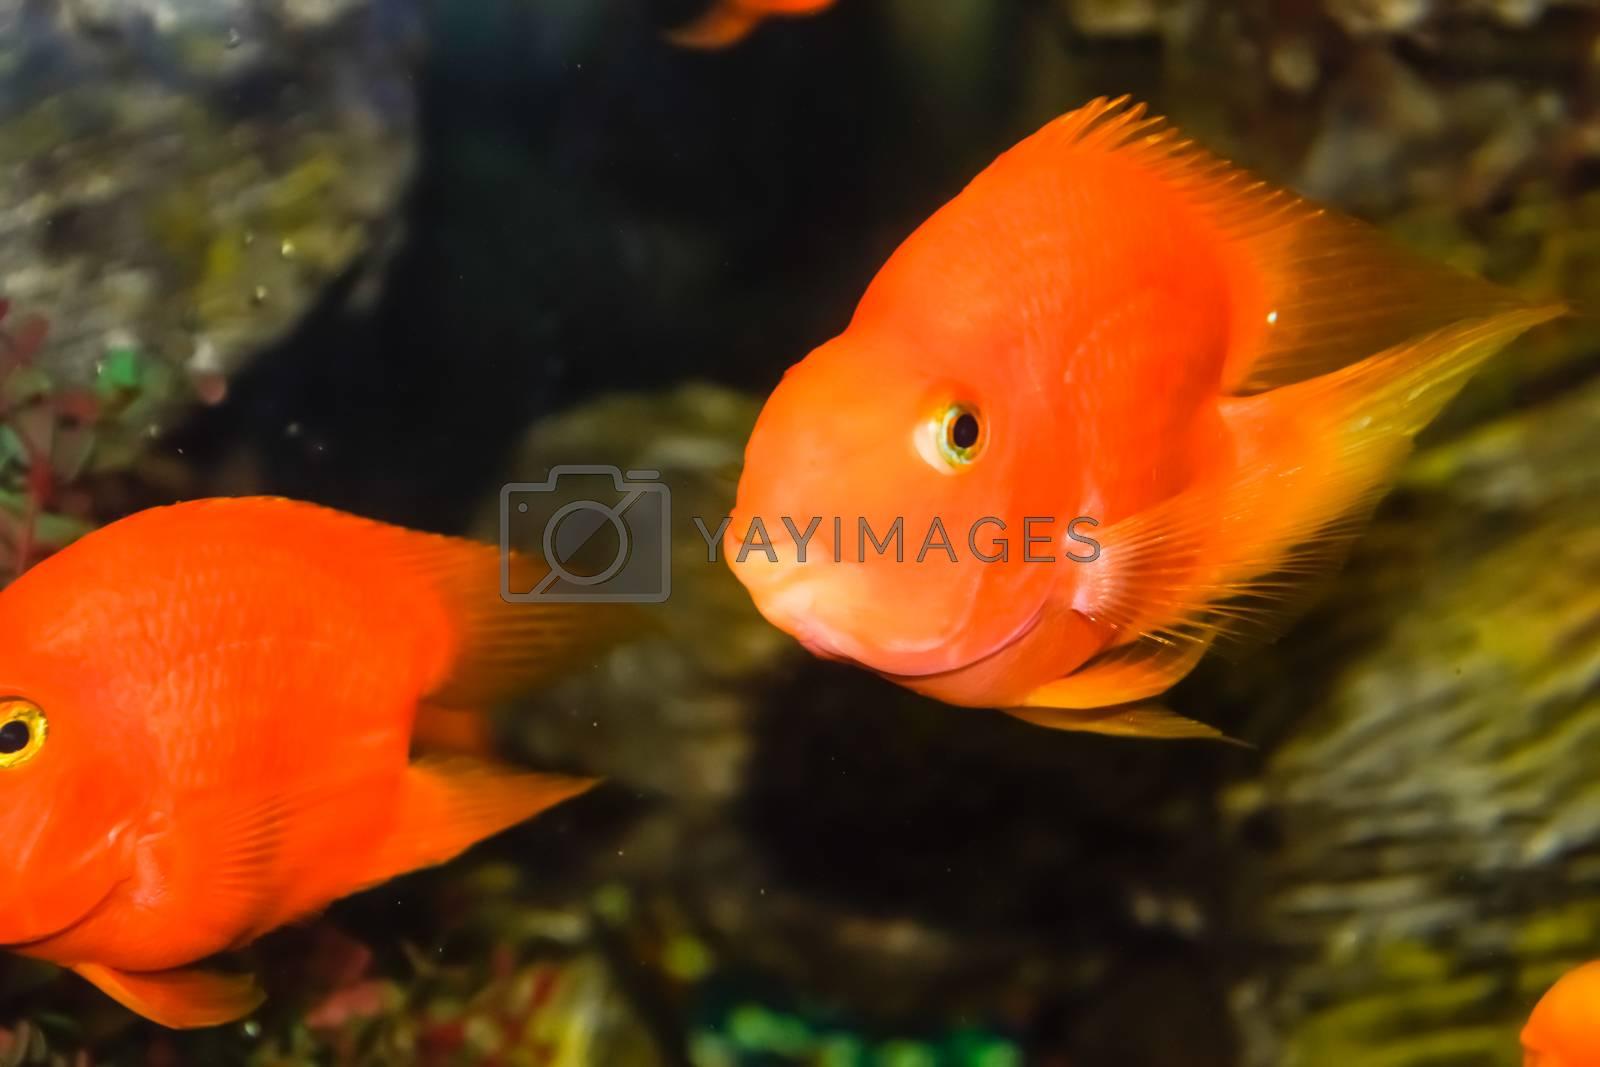 Fish in the aquarium of the aquarium, Scaridae